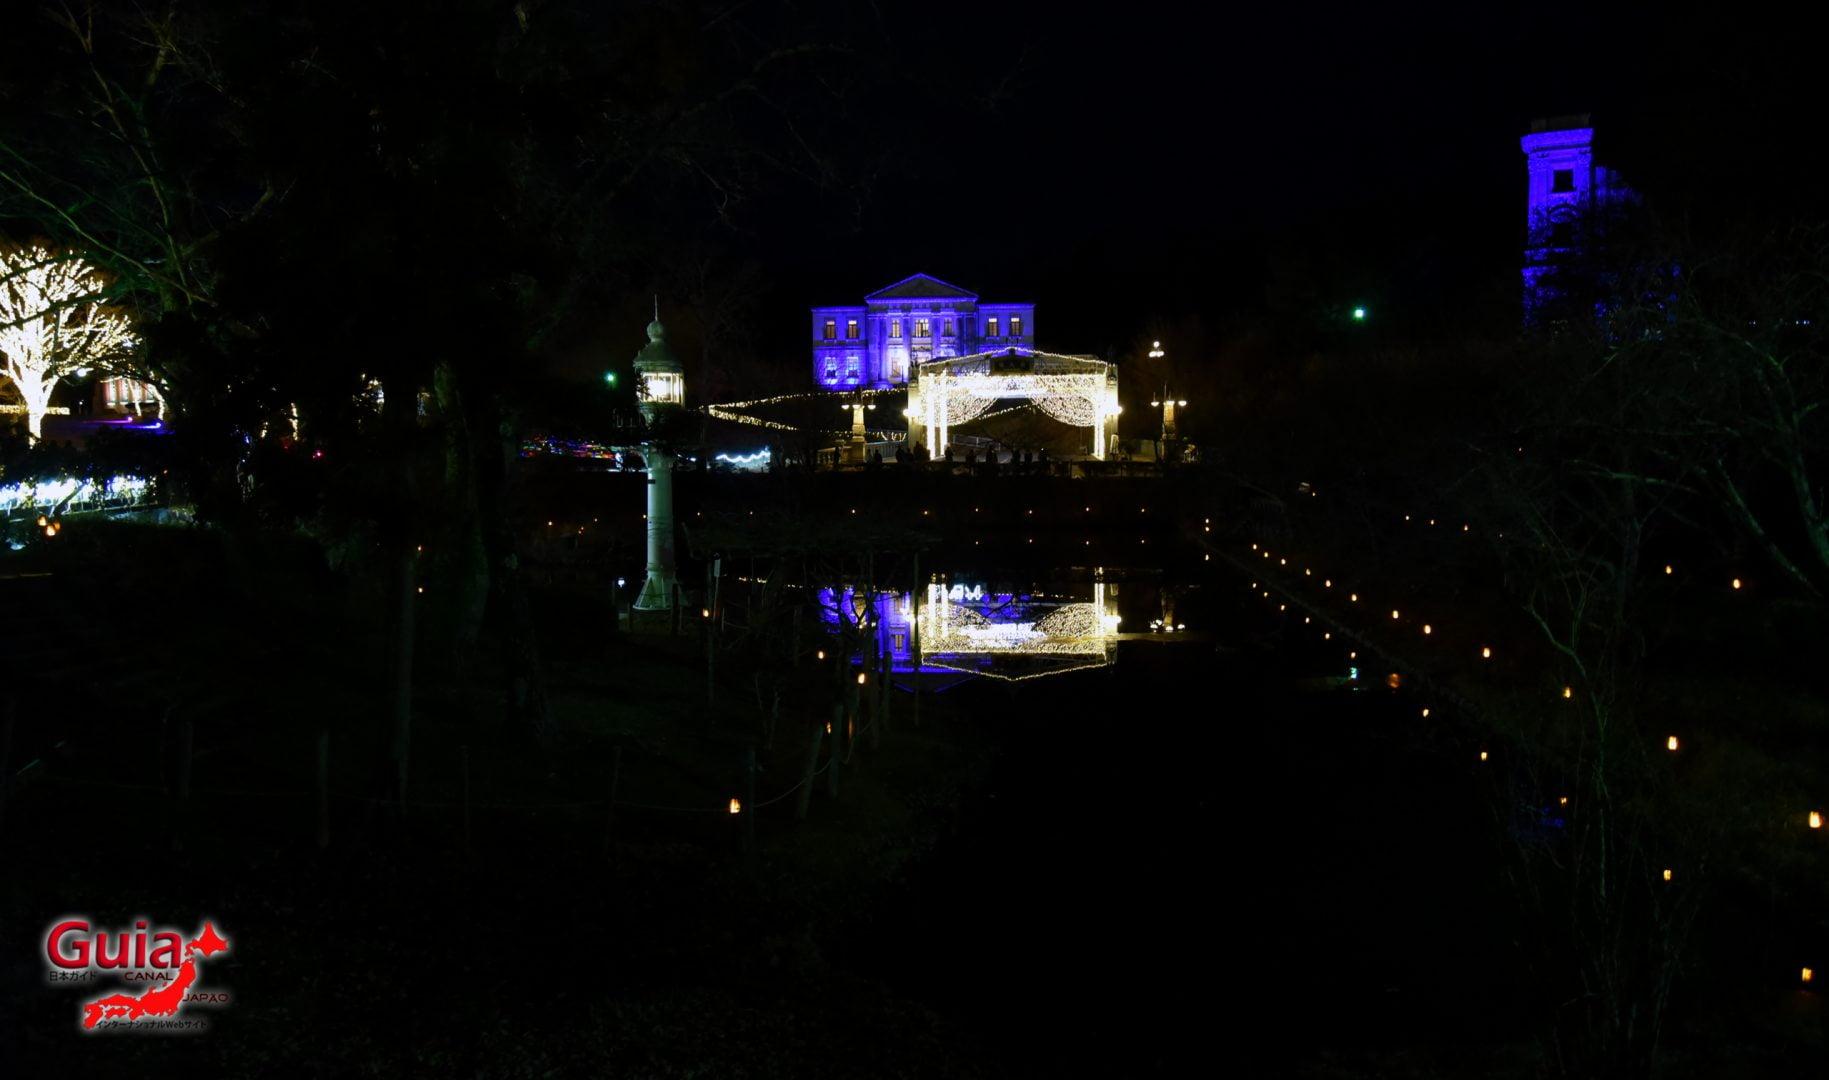 Мэйжи-Мура музей - Баярын гэрэлтүүлэг 12